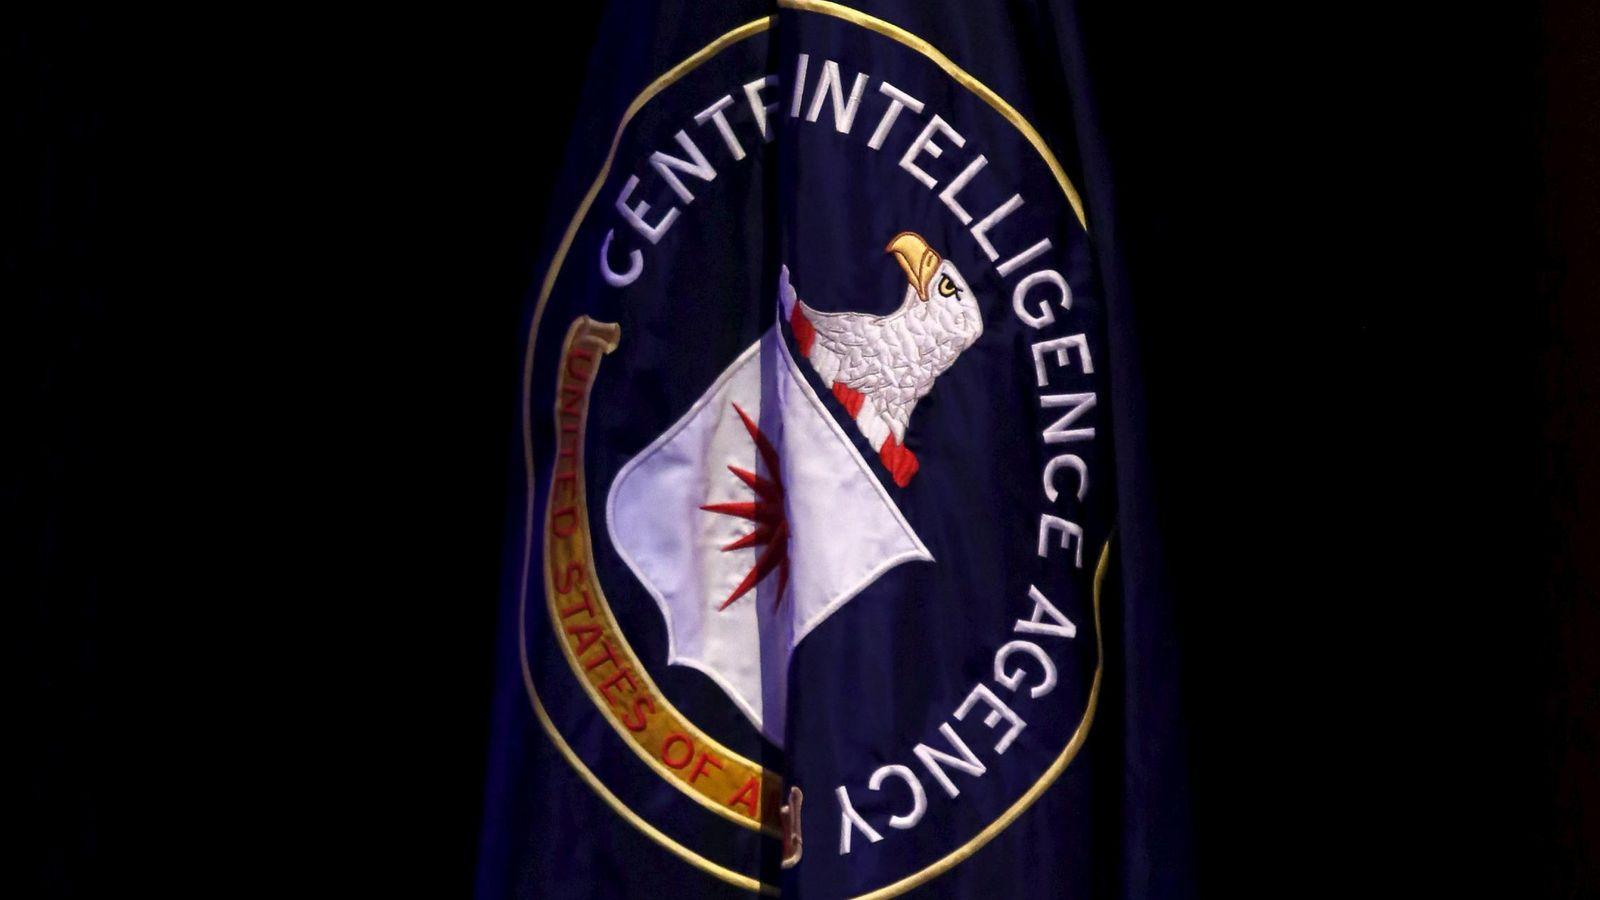 Foto: La bandera de la CIA es desplegada durante una conferencia sobre seguridad nacional en Washington, el 27 de octubre de 2015 (Reuters)